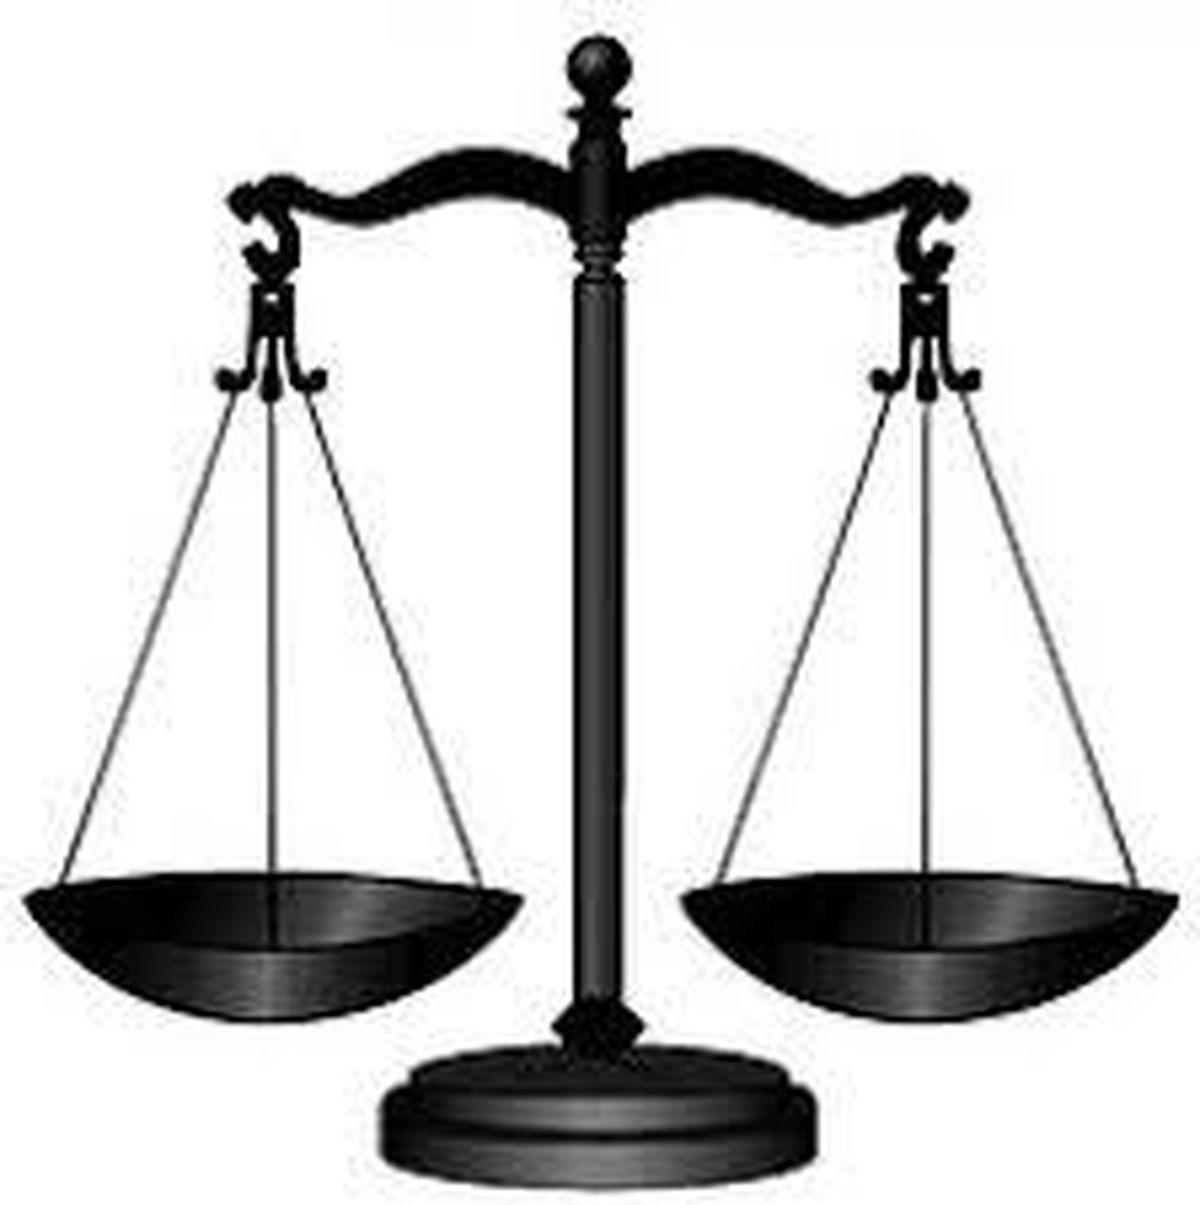 عدالت اقتصادی با اجرای قانون پایانه های فروشگاهی